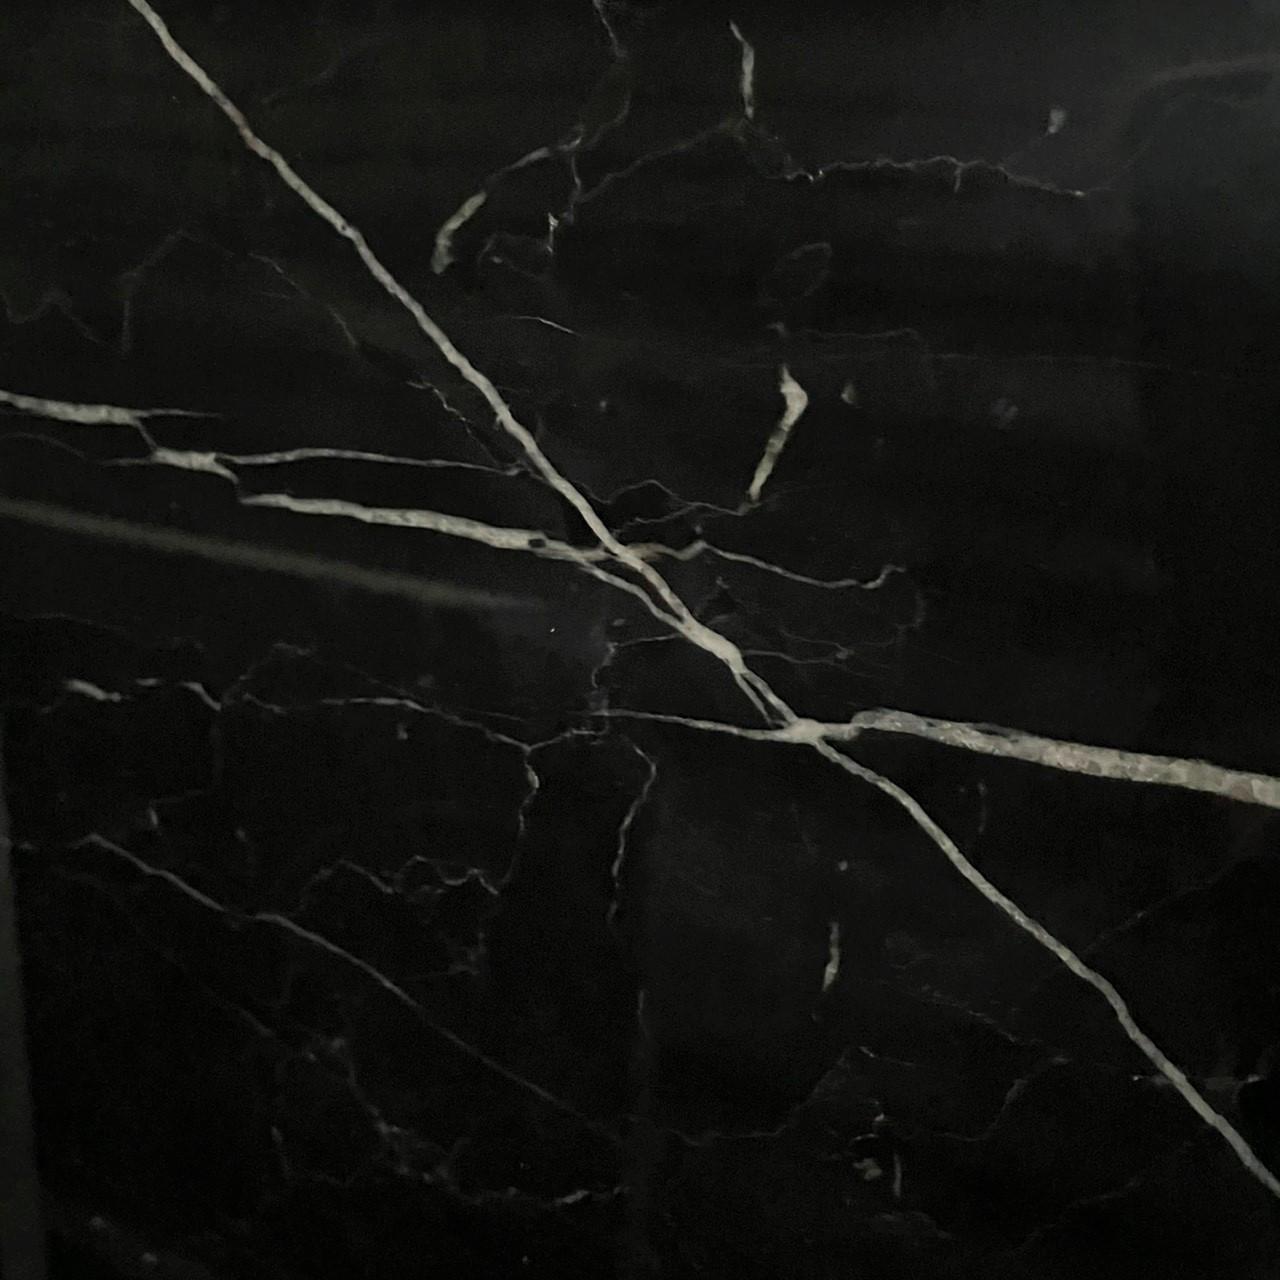 ✔ 別名:黑雲石、黑鑽、閃電石 ✔ 表面處理:亮面、仿古面 ✔ 原石產地:中國 ✔ 適合施作:檯面、牆面、地坪